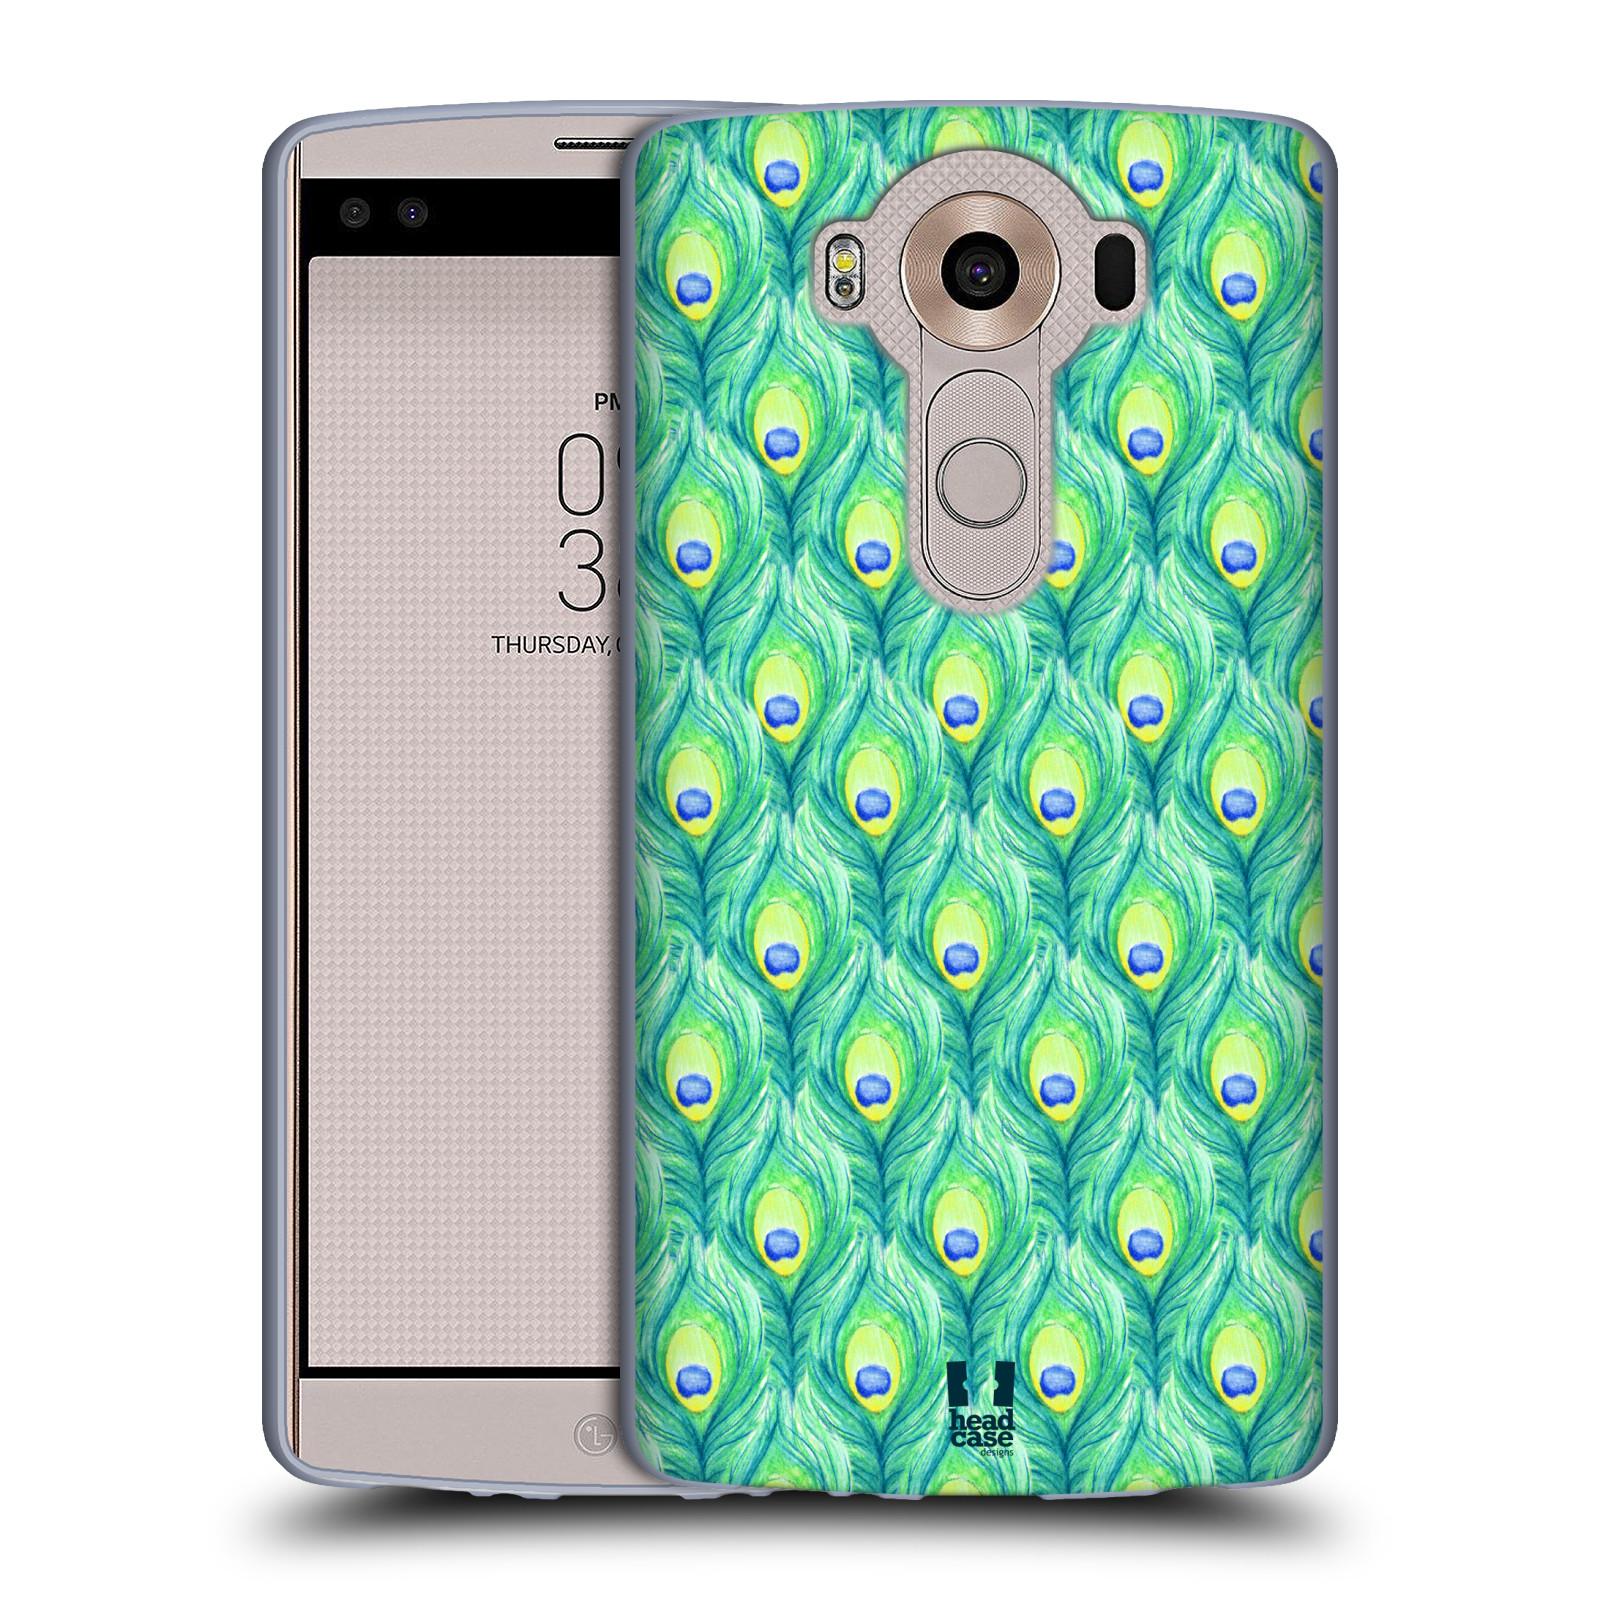 HEAD CASE silikonový obal na mobil LG V10 (H960A) vzor Paví pírka barevná ZELENÁ